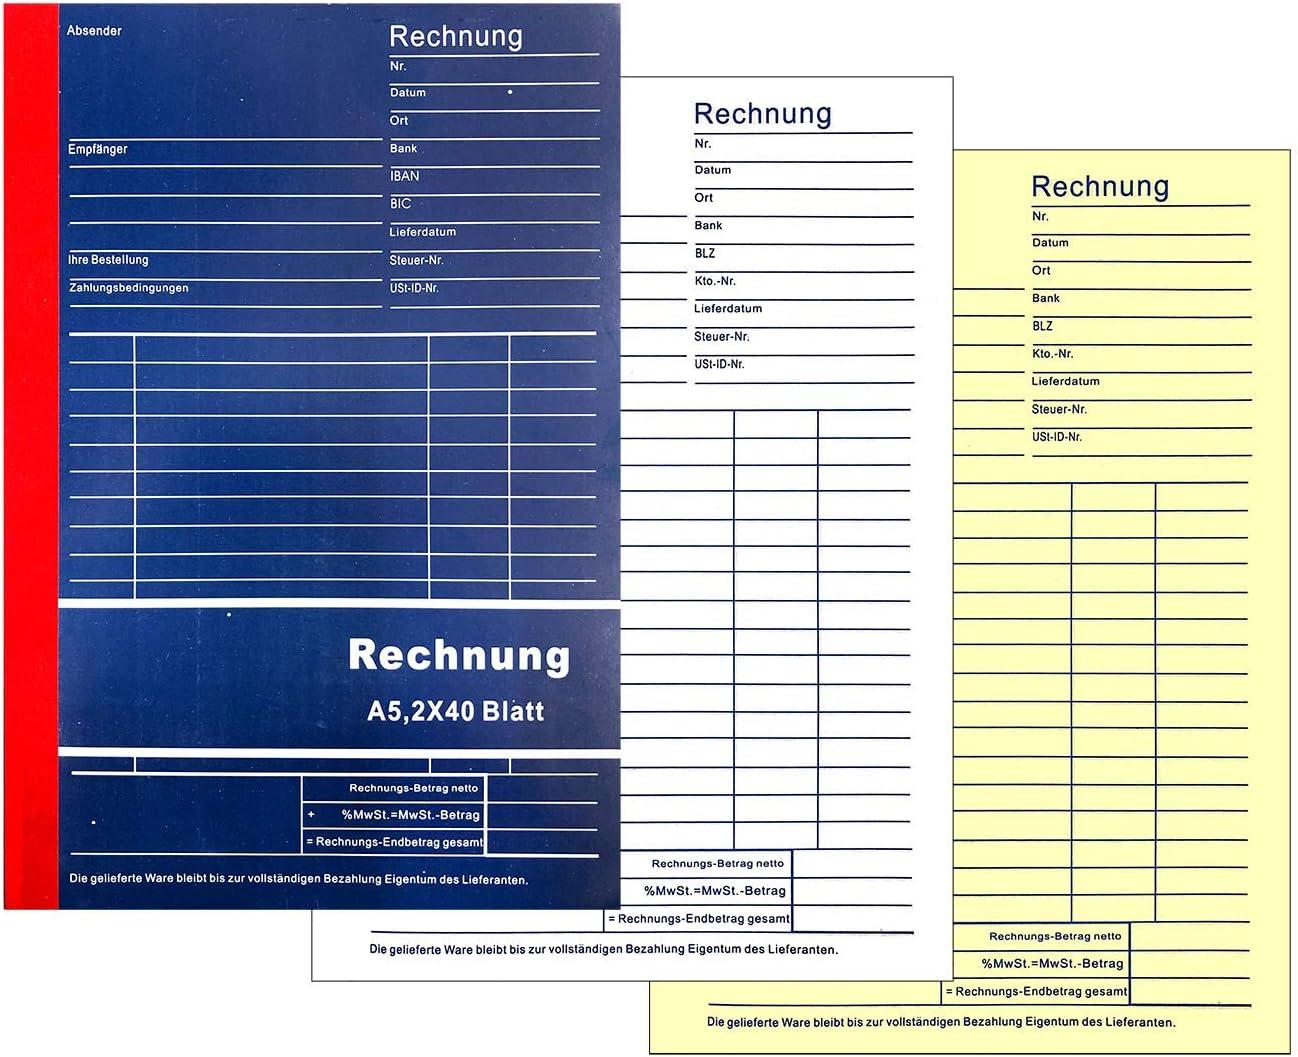 2x 40 Blatt Rechnungsbuch 305 A5 Touchpen Kugelschreiber mit Gravur